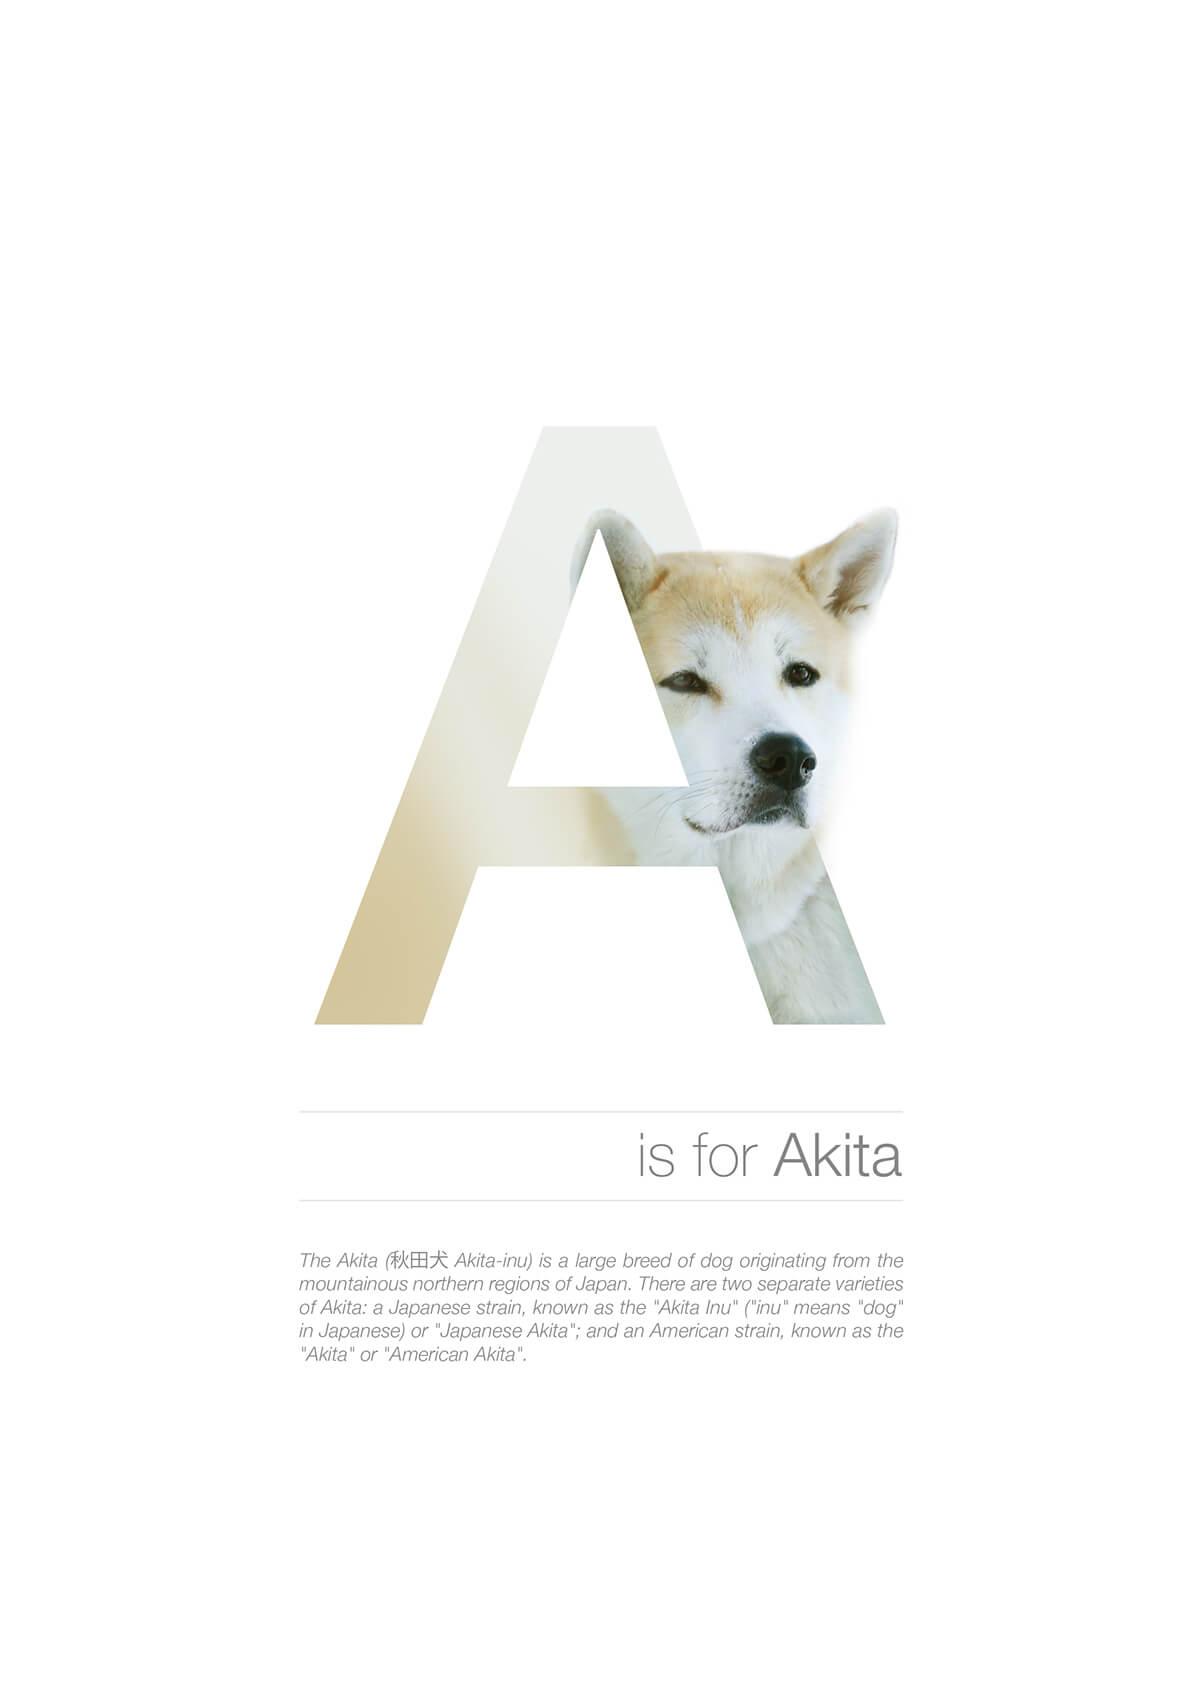 A ตัวอักษรกราฟฟิค A Z สายพันธุ์หมาไอเดียน่ารักจากดีไซน์เนอร์โรมาเนีย